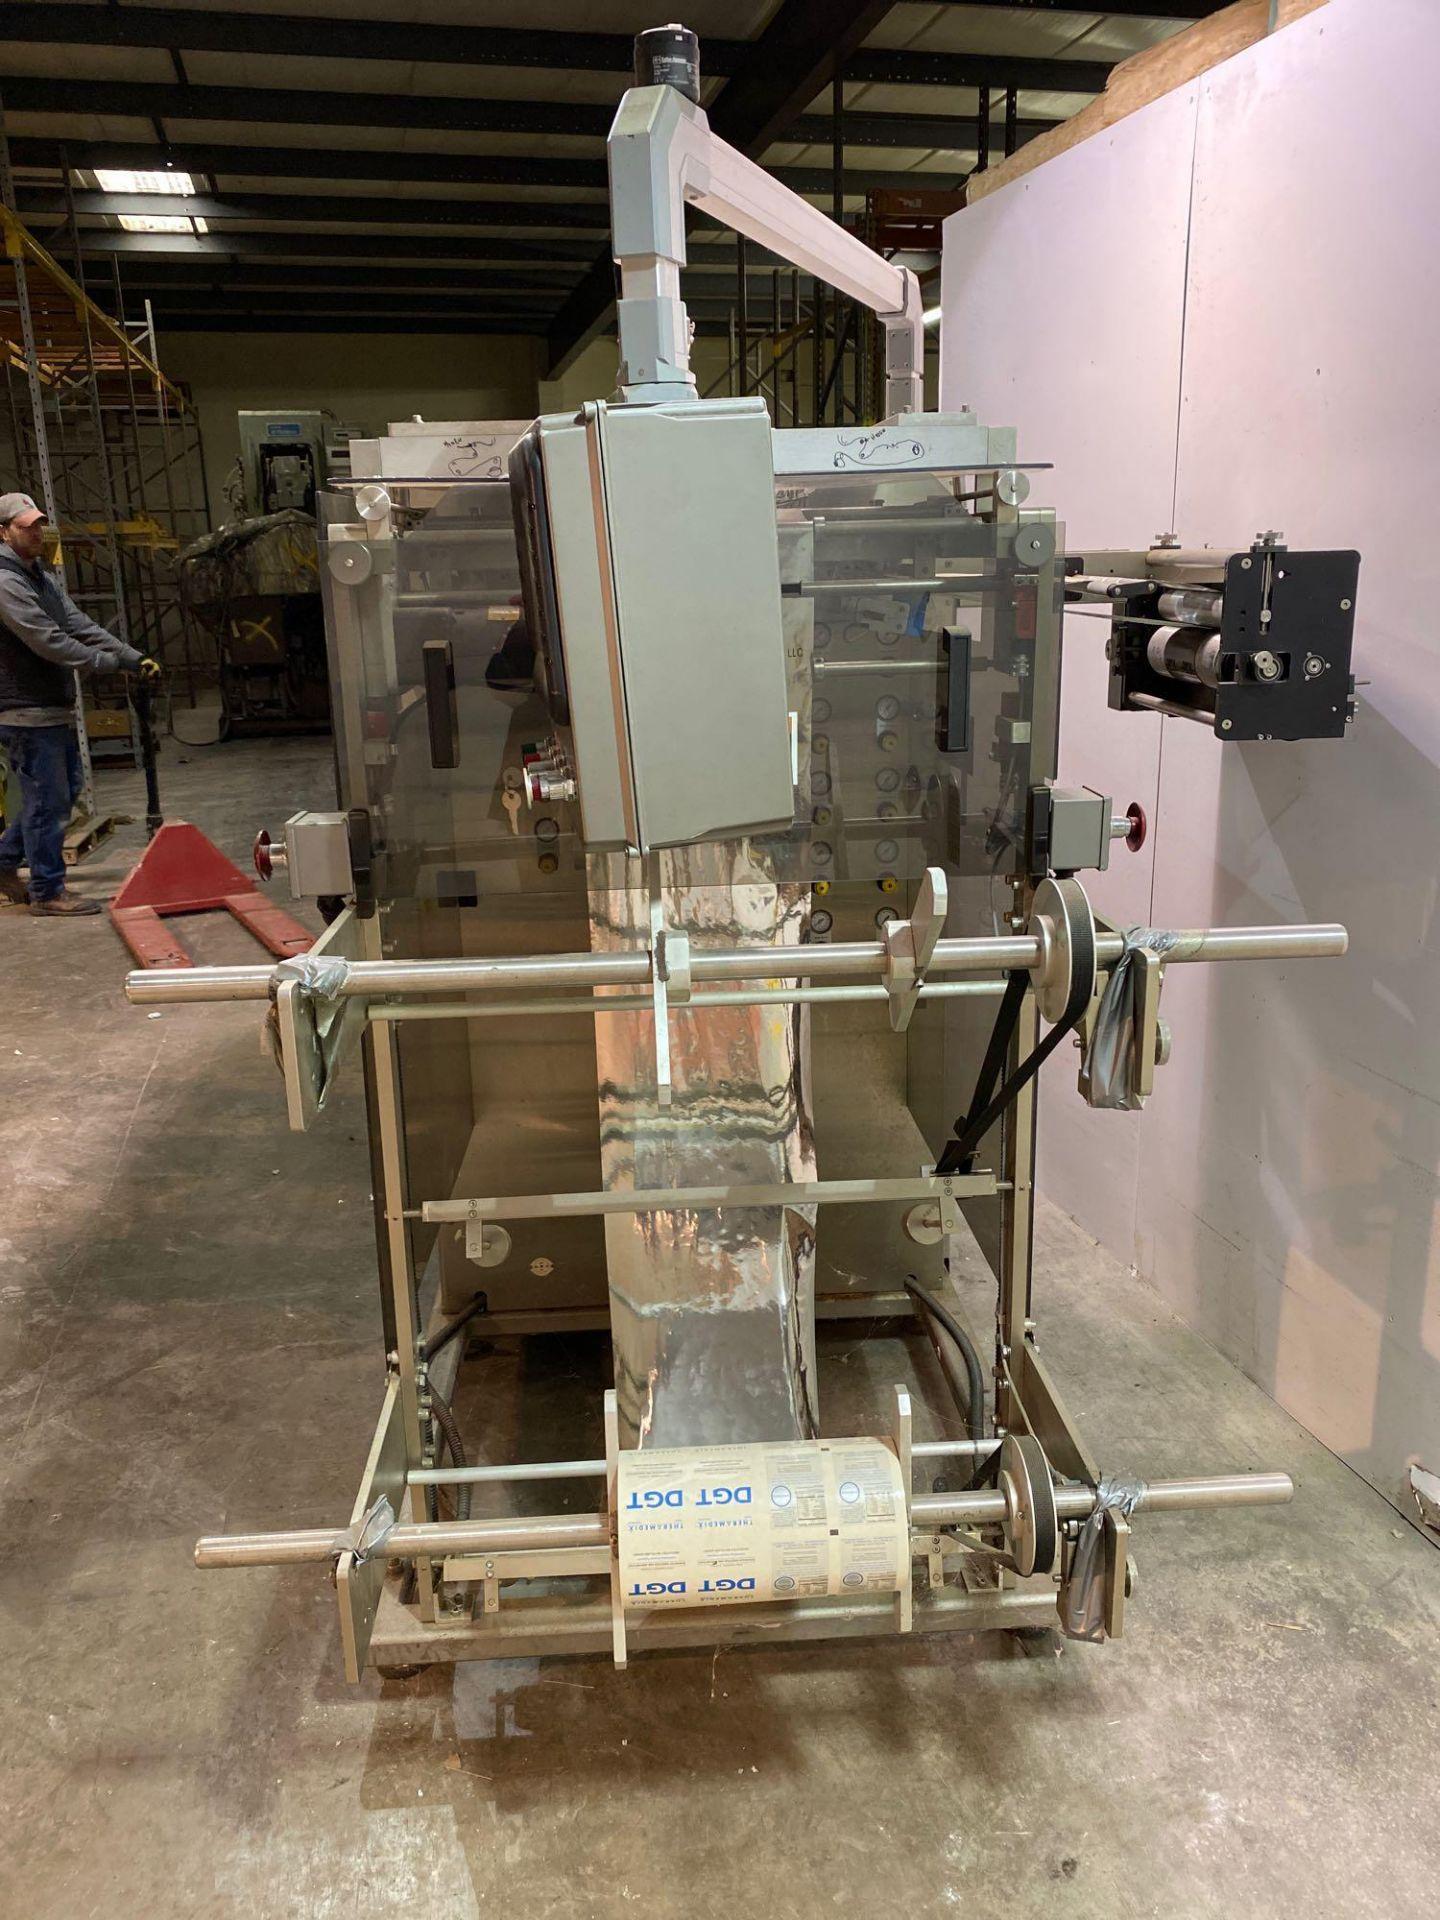 APT Packaging Foil Packaging Machine - Image 7 of 27